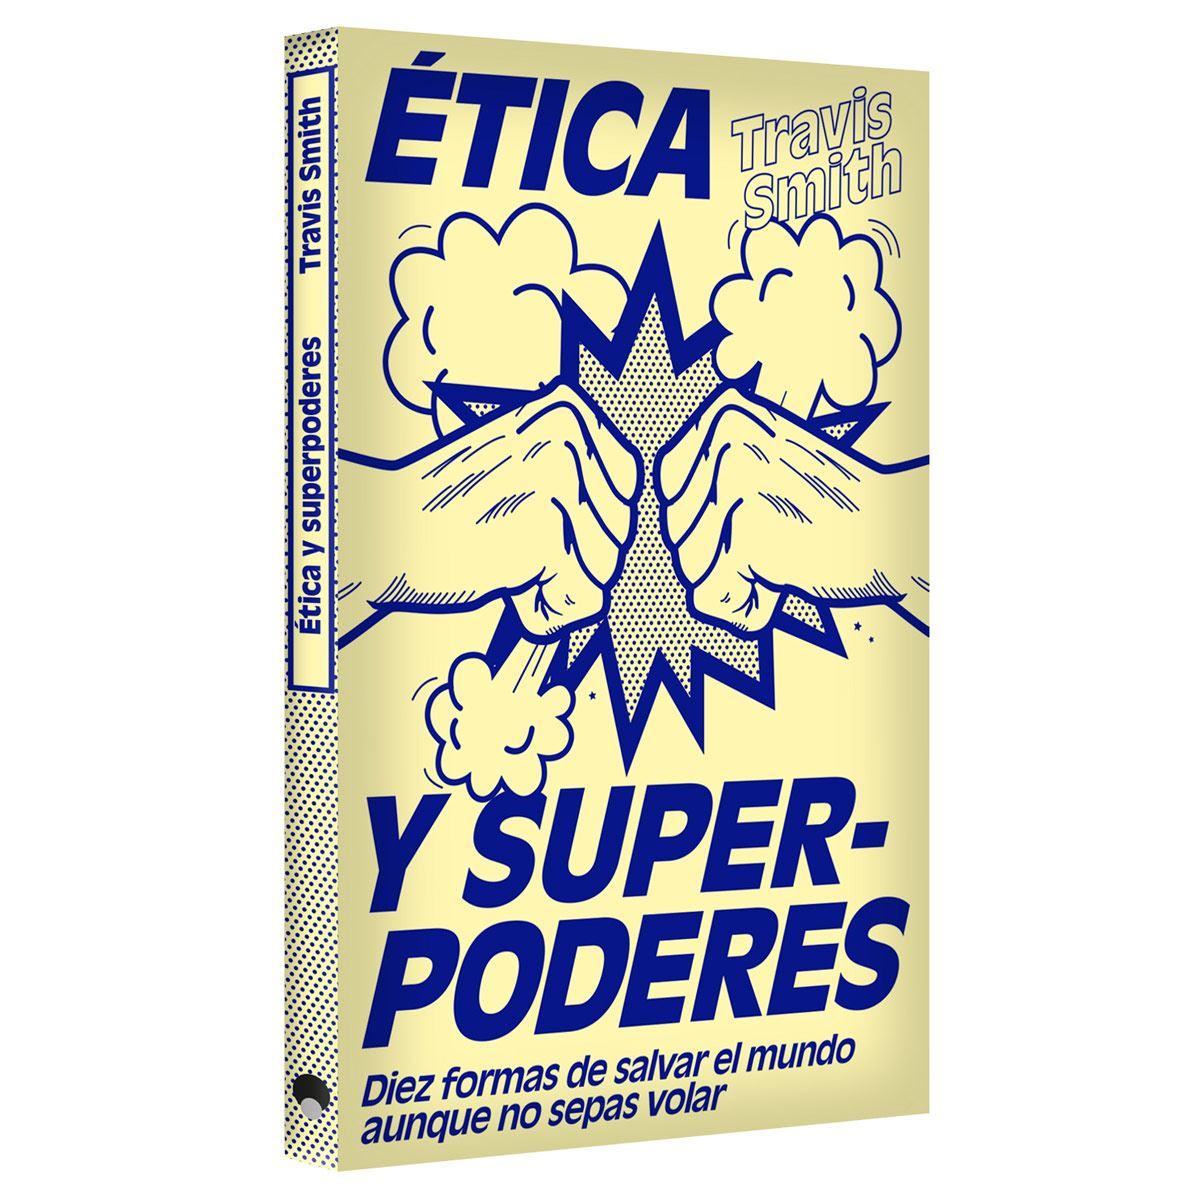 Ética y super-poderes